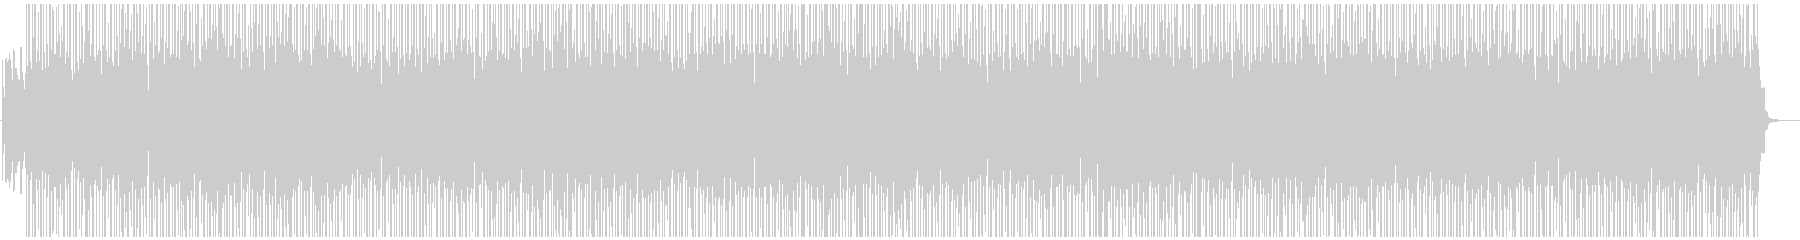 ロックンロール。の未再生の波形